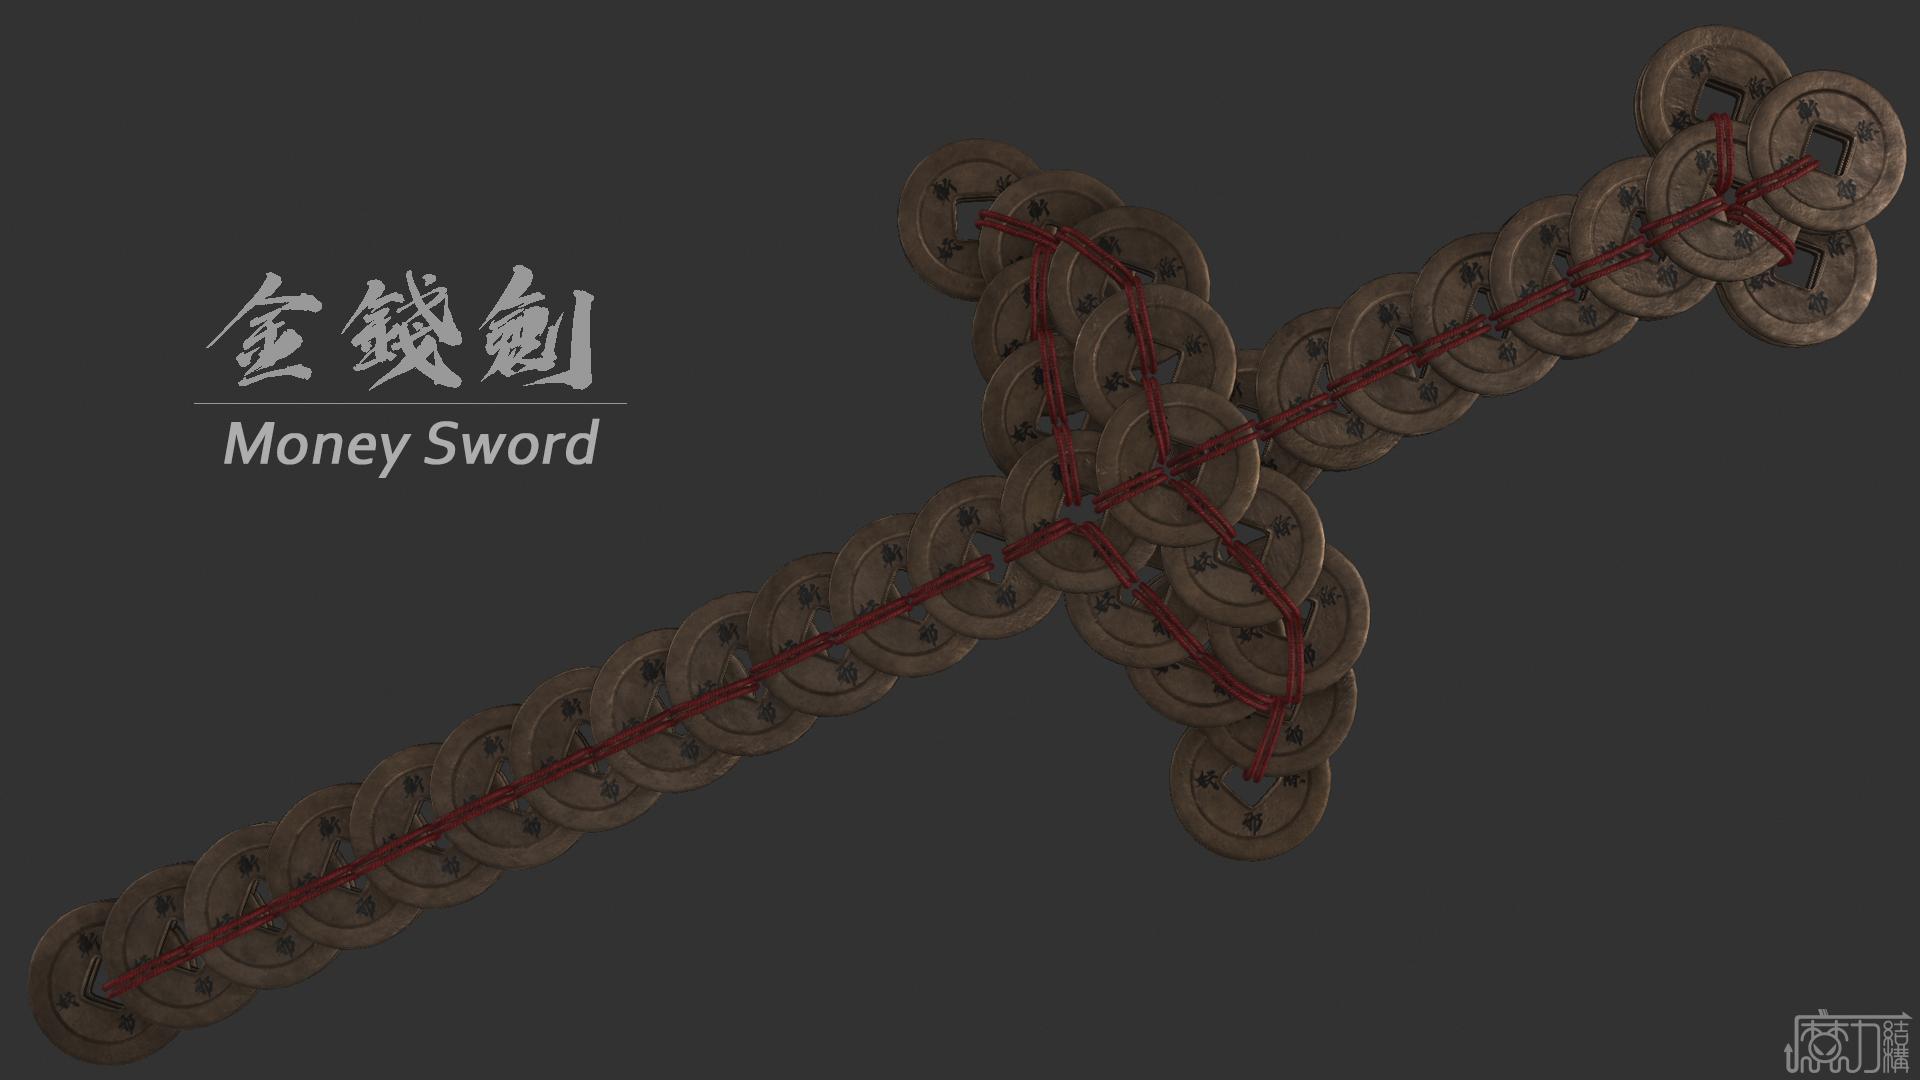 Money Sword